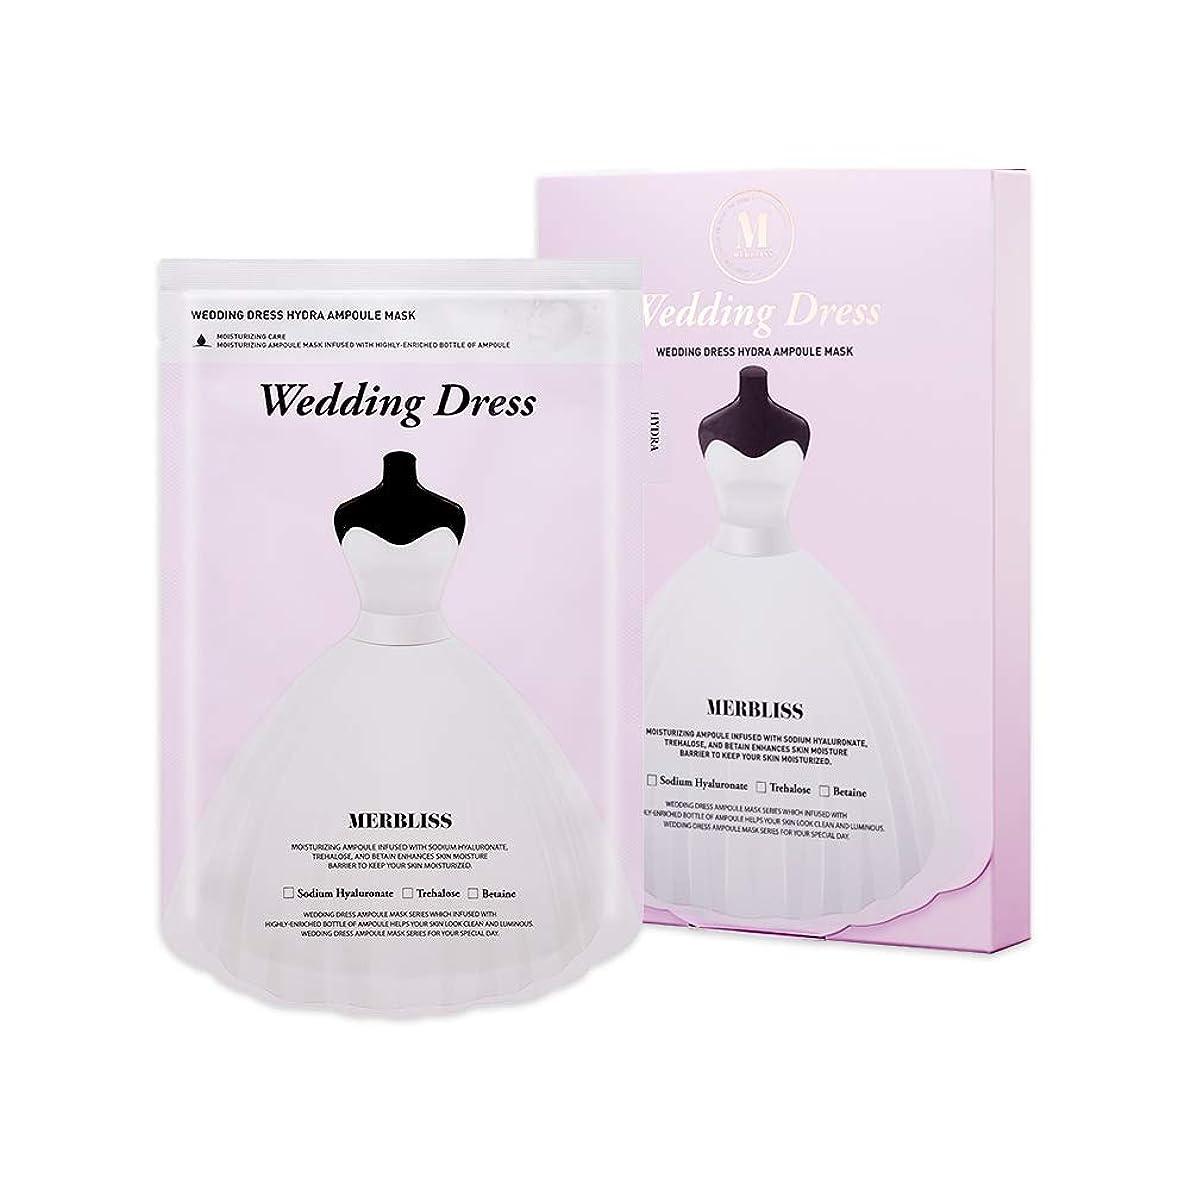 増幅予測困惑MERBLISS(モルブリス) ウェディングドレス ハイドラマスク 5枚入り もっちり高保湿タイプ